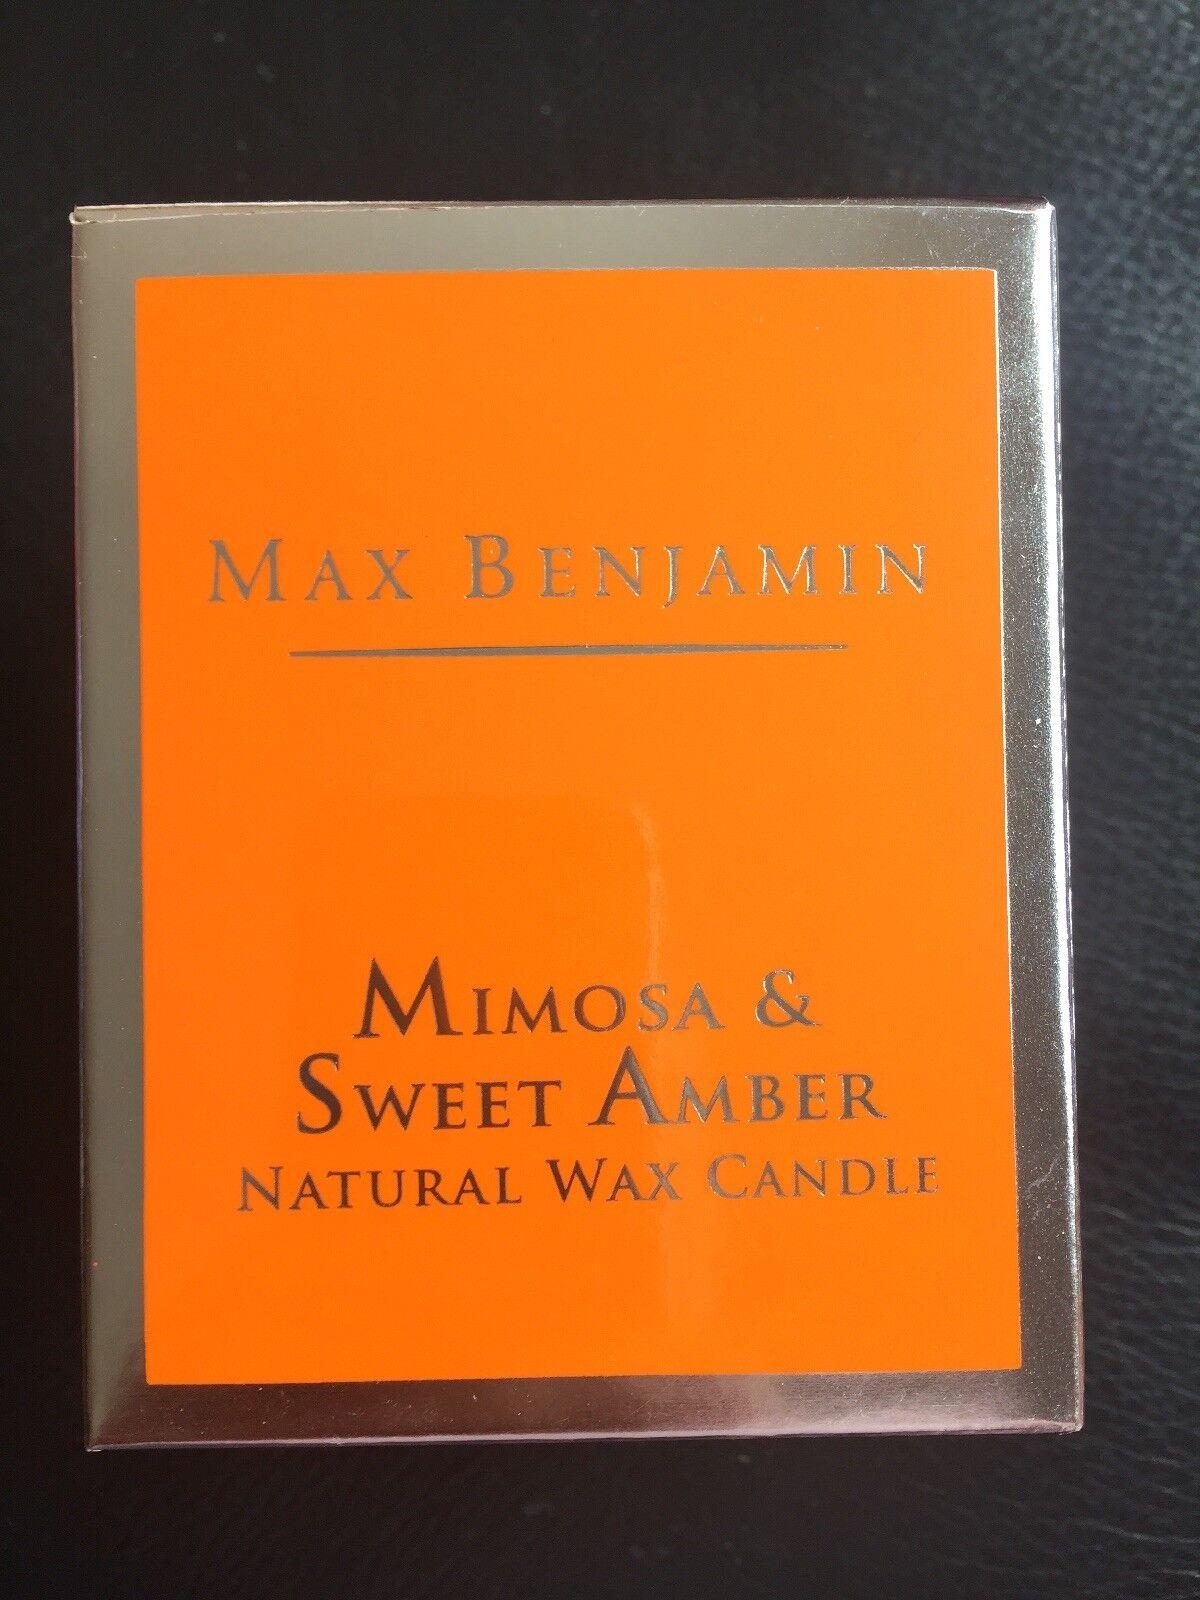 Max Benjamin Mimosa And Sweet Amber Candle - BNIB